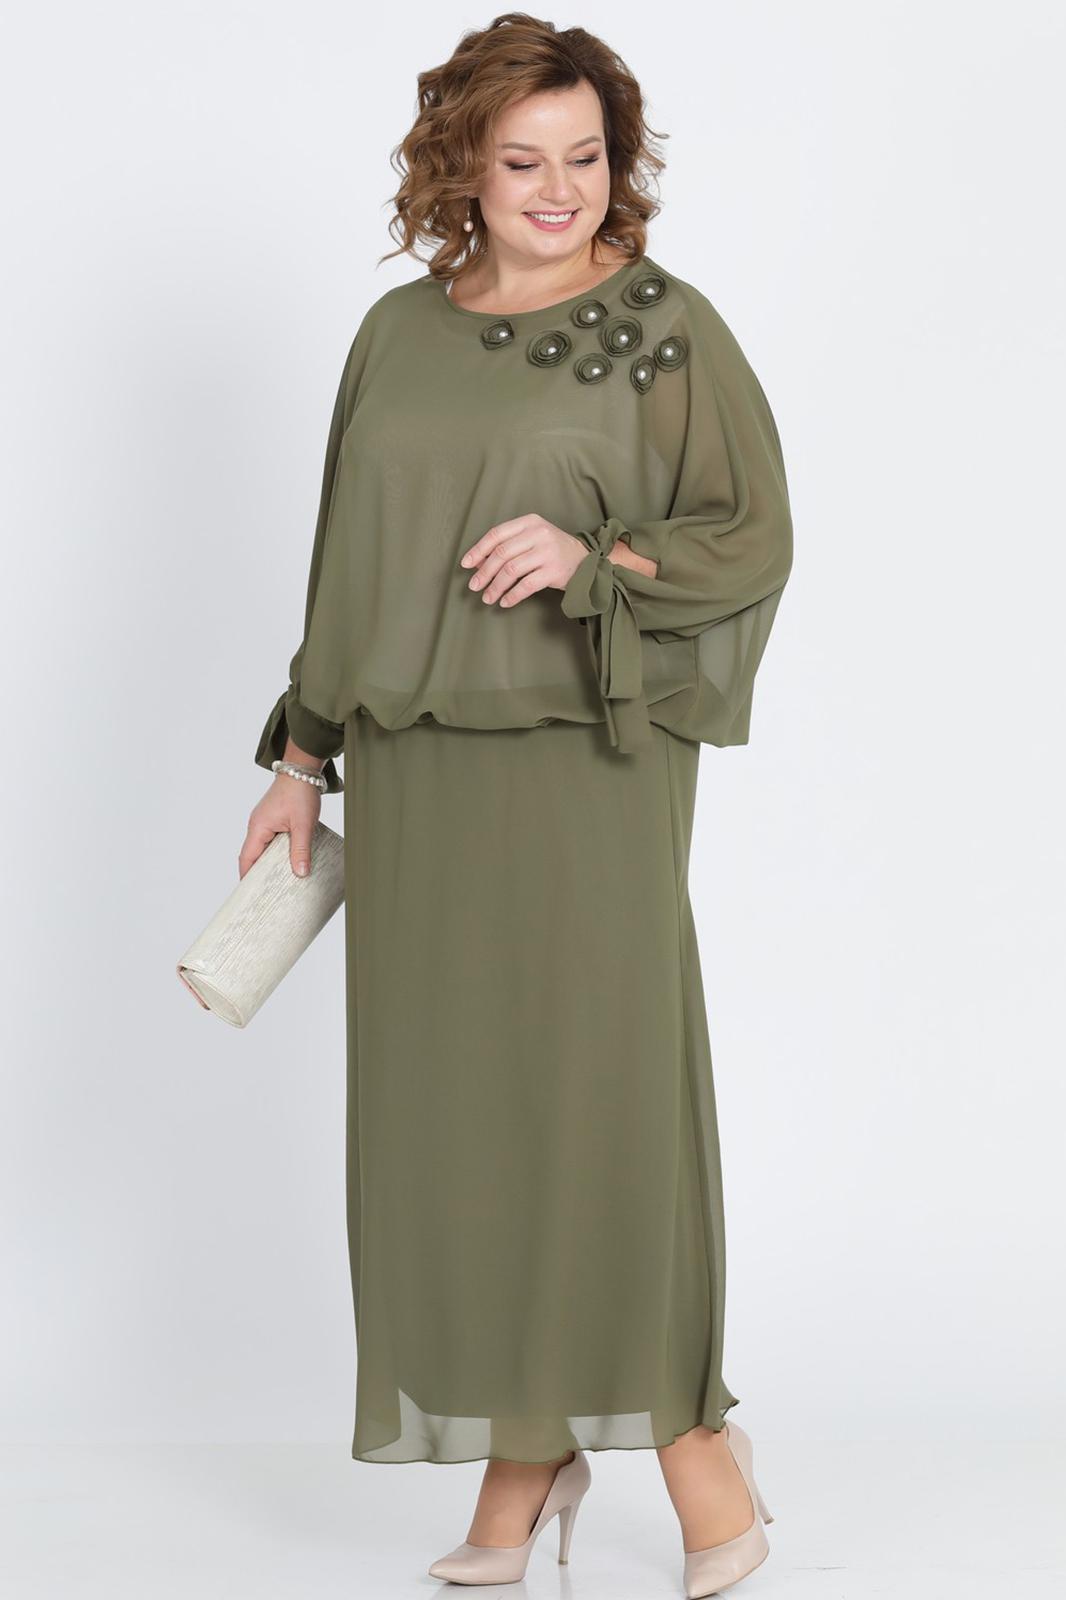 LIA2022 Haki krāsas gara šifona kleita